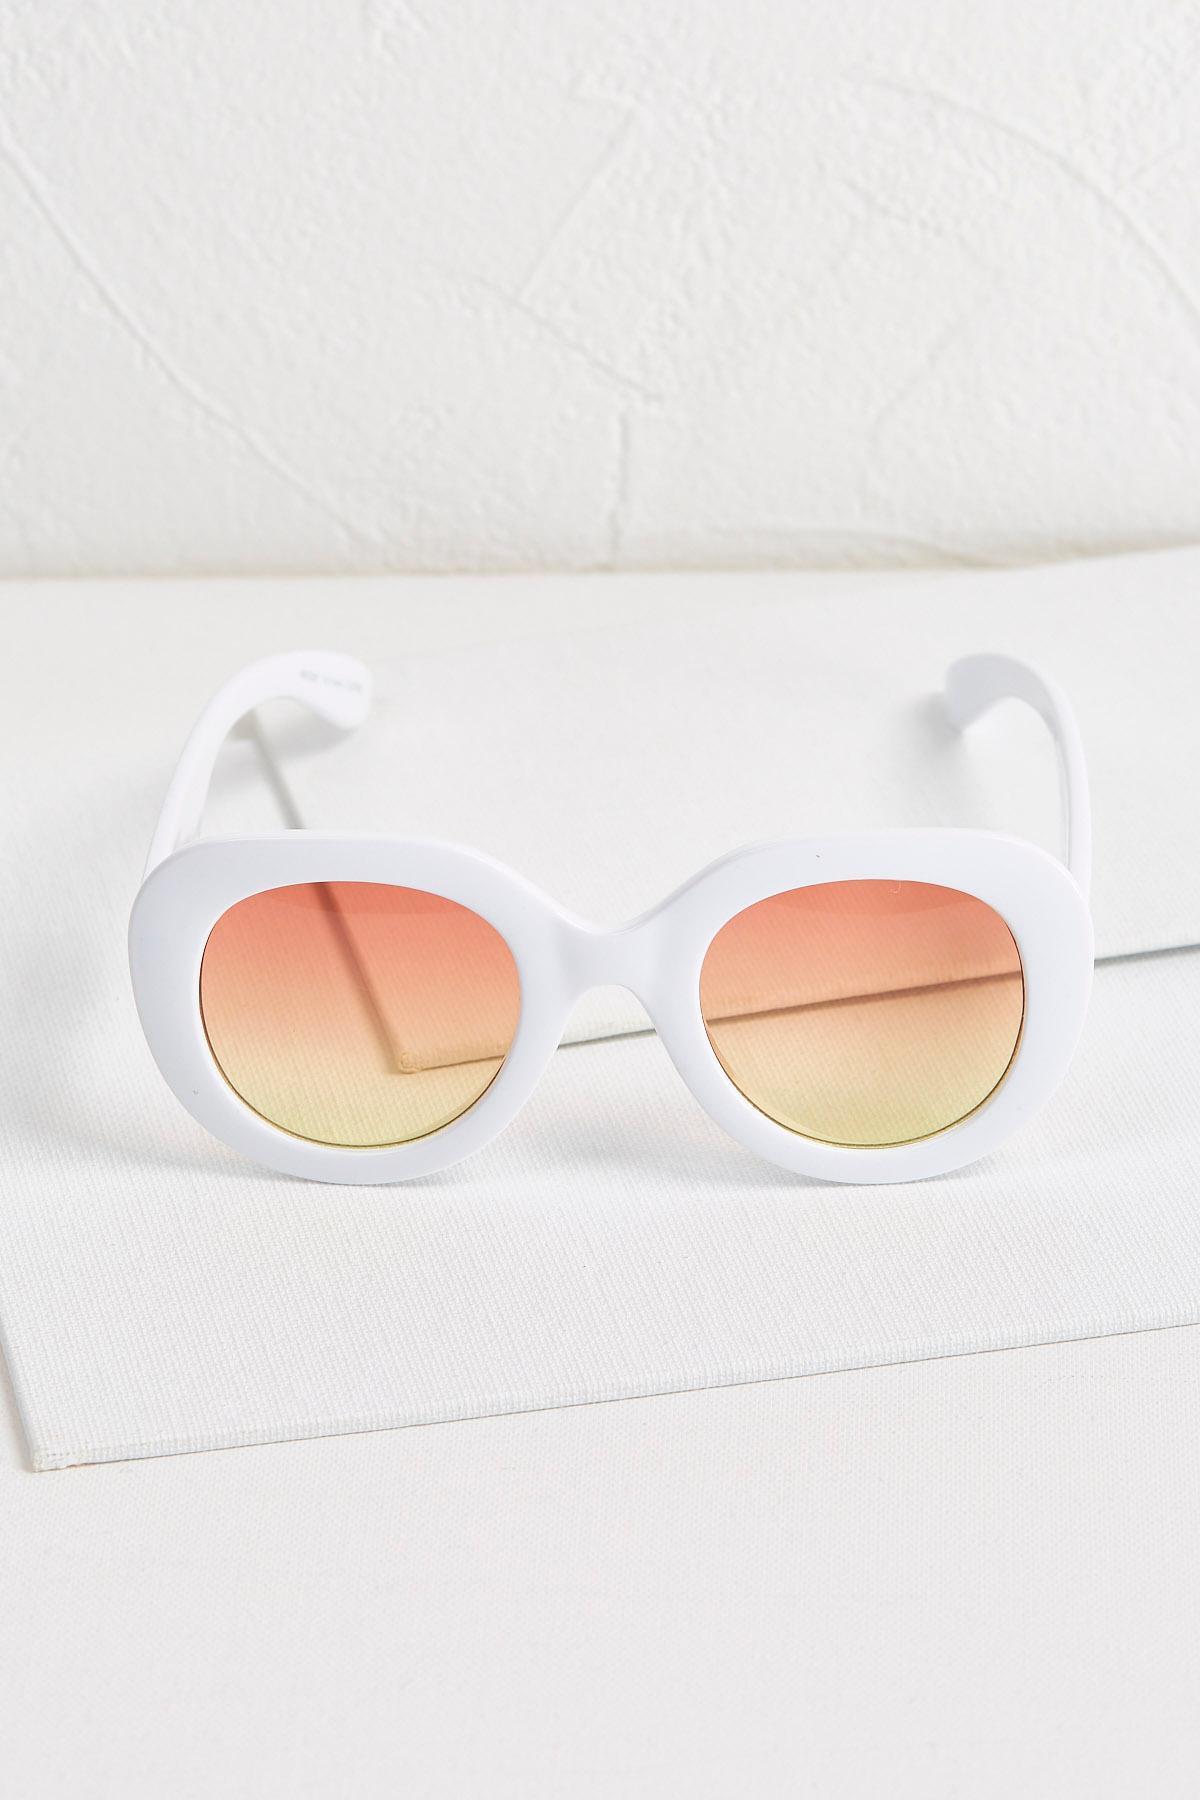 Pure White Sunglasses